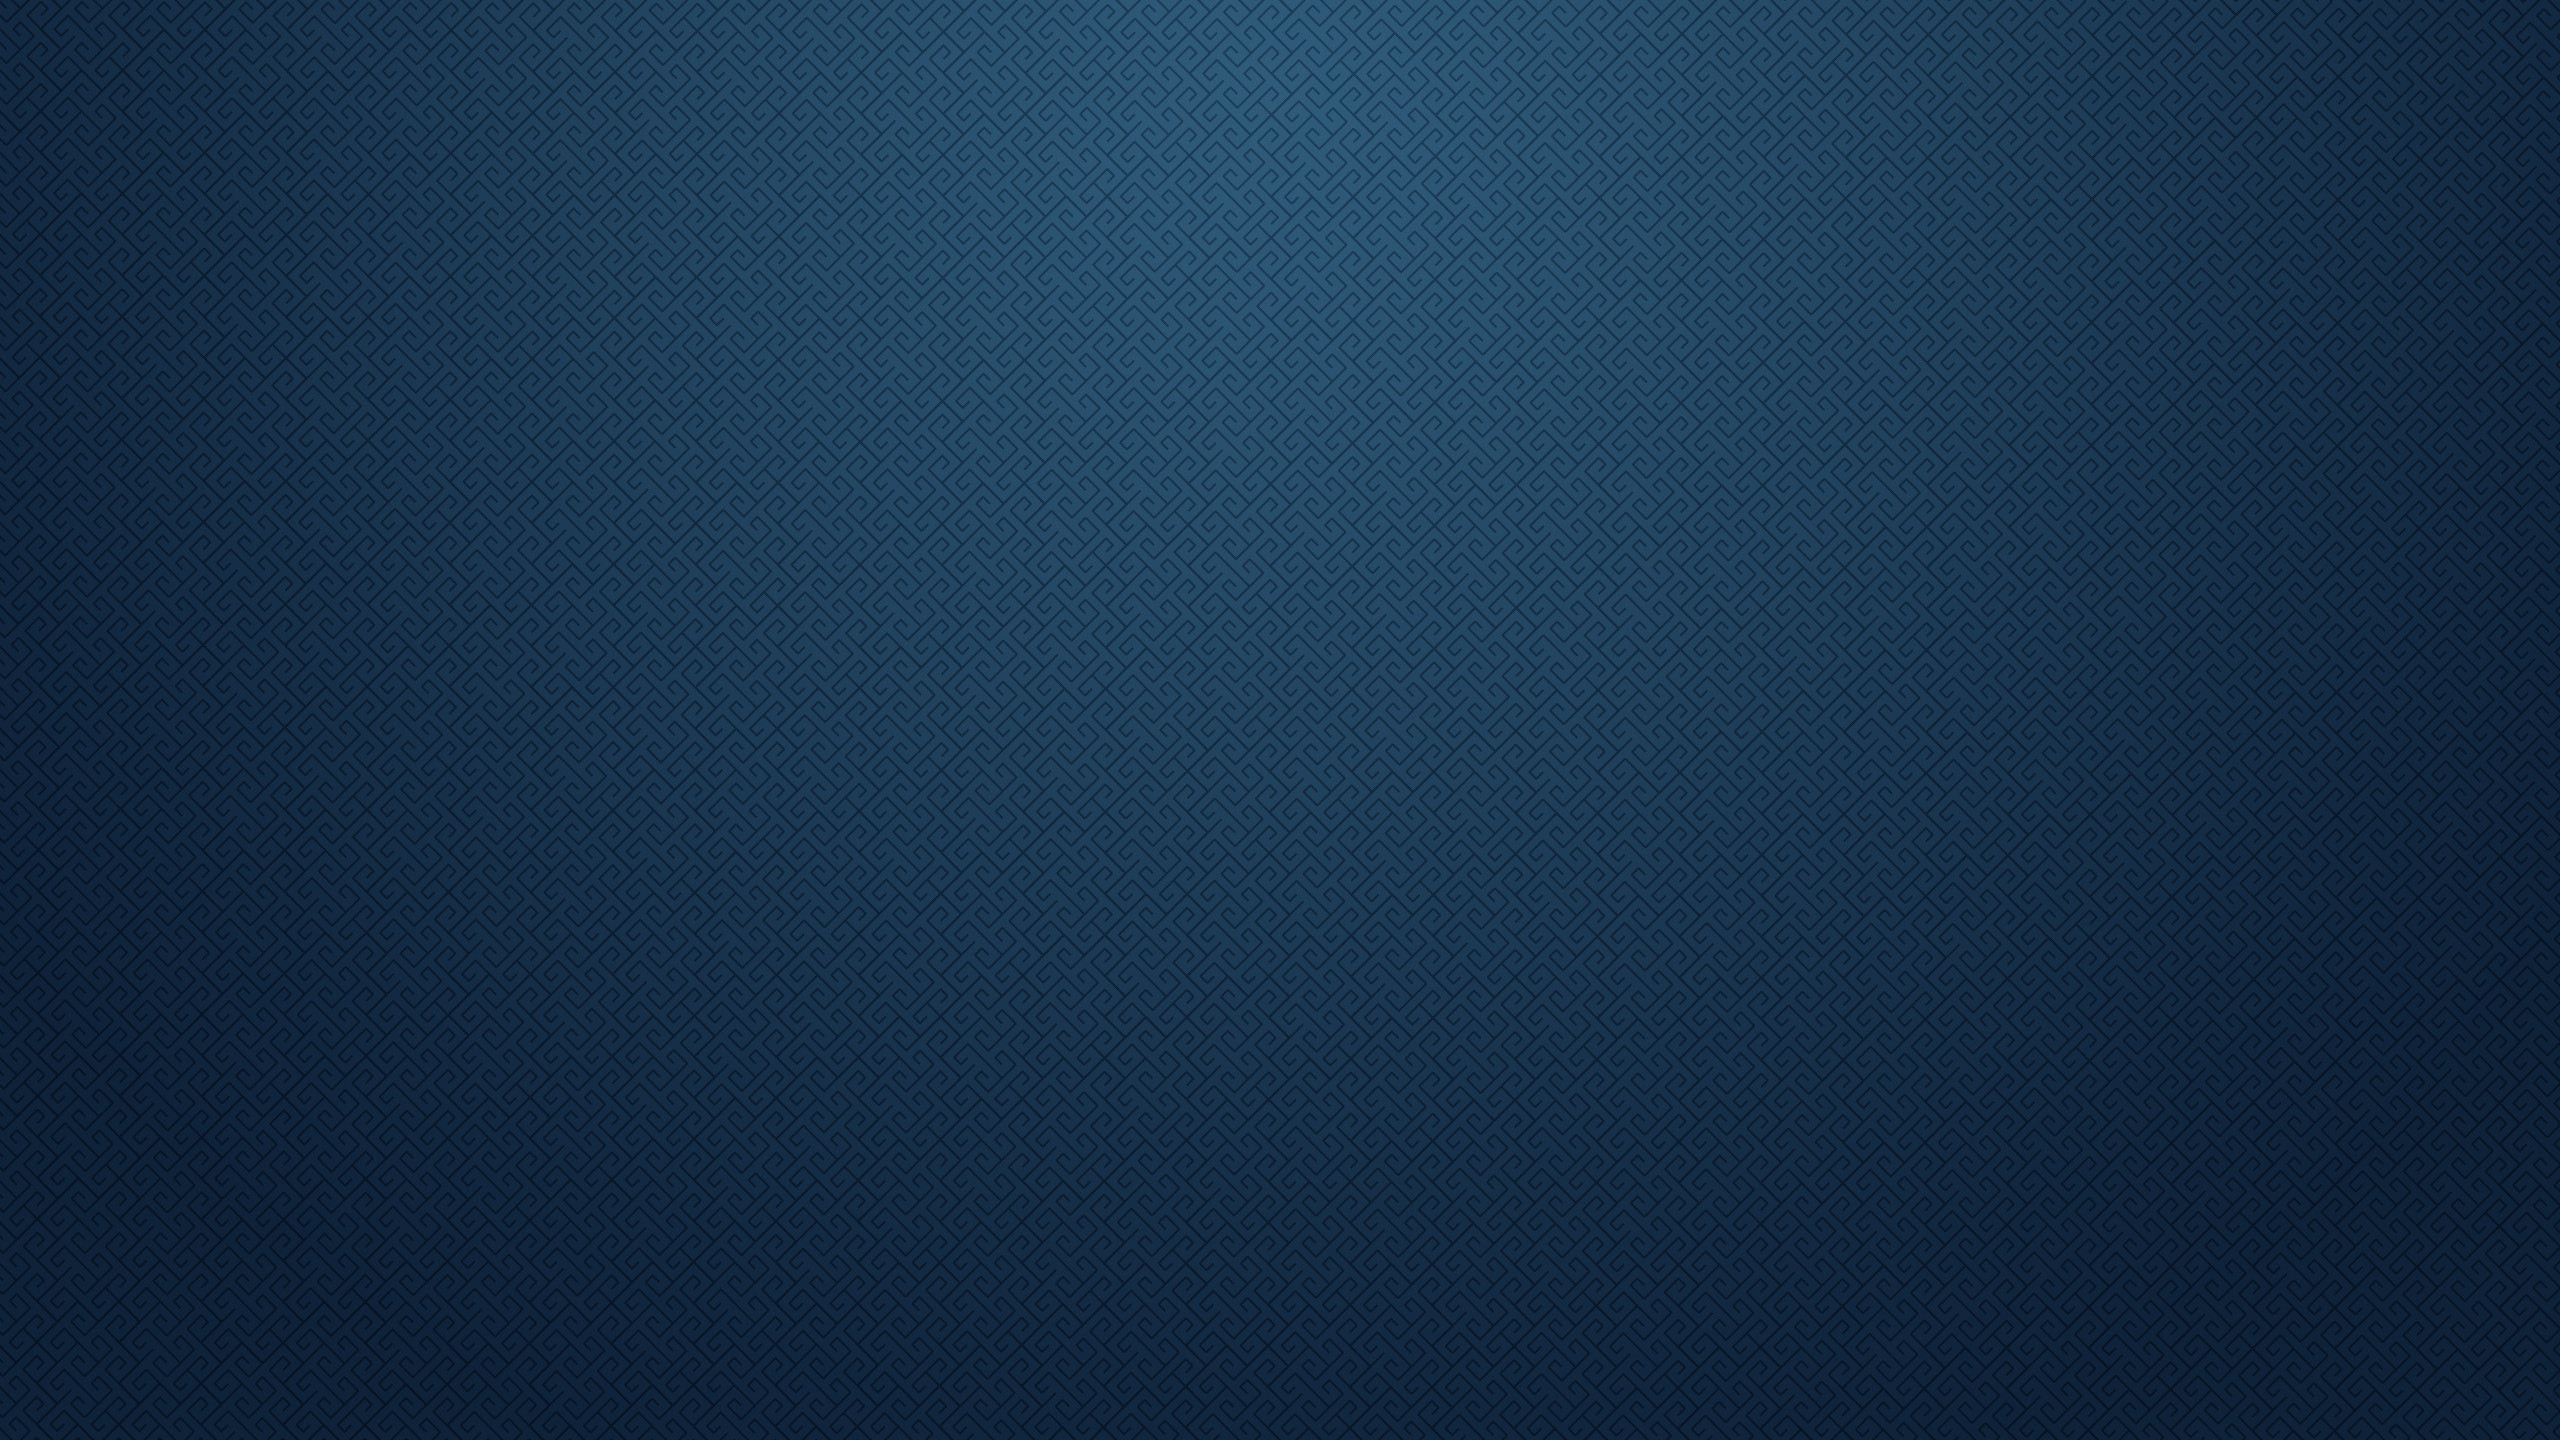 Res: 2560x1440, Textures, Blue, Texture, Wallpaper